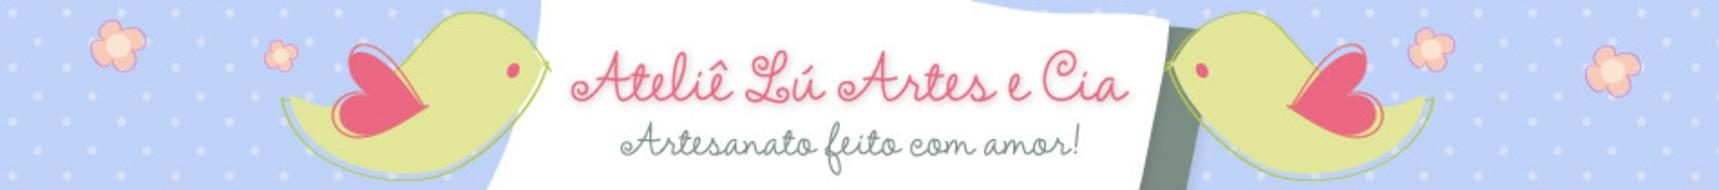 Ateli� L� Artes e Cia